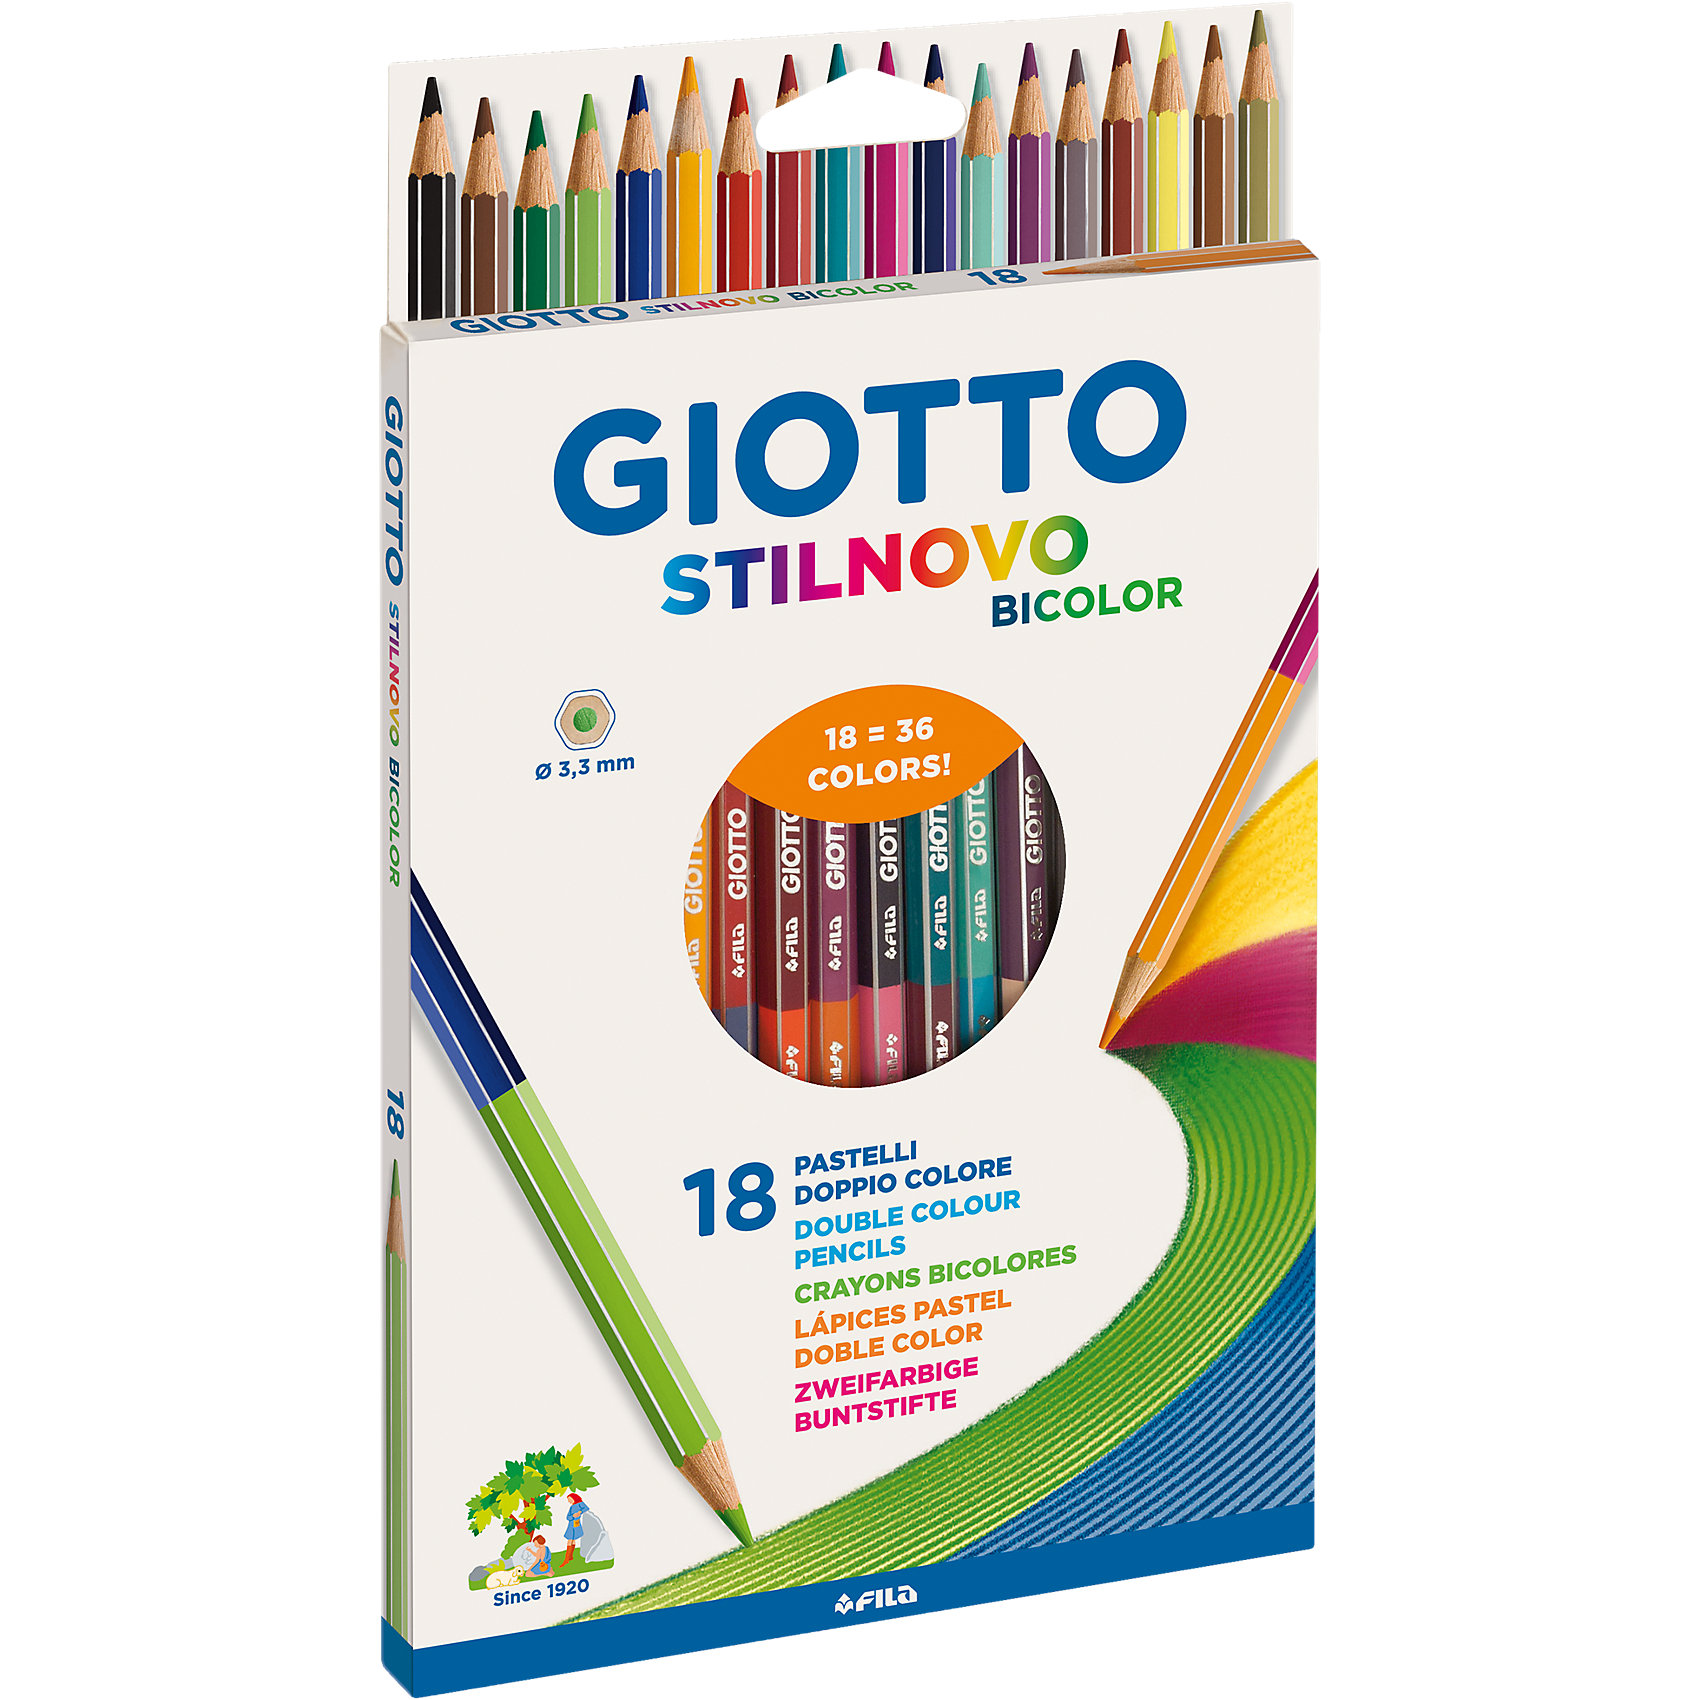 Двухсторонние цветные карандаши, 18 штук, 36 цвета.Письменные принадлежности<br>Двусторонние цветные деревянные карандашии, 18 шт=36 цв. Гексагональной формы. Изготовлены из сертифицированной древесины. Легко и экономично затачиваются, не крошатся. Толщина грифеля - 3,3 мм. Яркие насыщенные цвета, максимально мягкое рисование. На корпусе карандаша имеется место для персонализации. Экономят место в пенале. Идеально подходят для школы.<br><br>Ширина мм: 217<br>Глубина мм: 134<br>Высота мм: 12<br>Вес г: 115<br>Возраст от месяцев: 24<br>Возраст до месяцев: 72<br>Пол: Унисекс<br>Возраст: Детский<br>SKU: 4194384